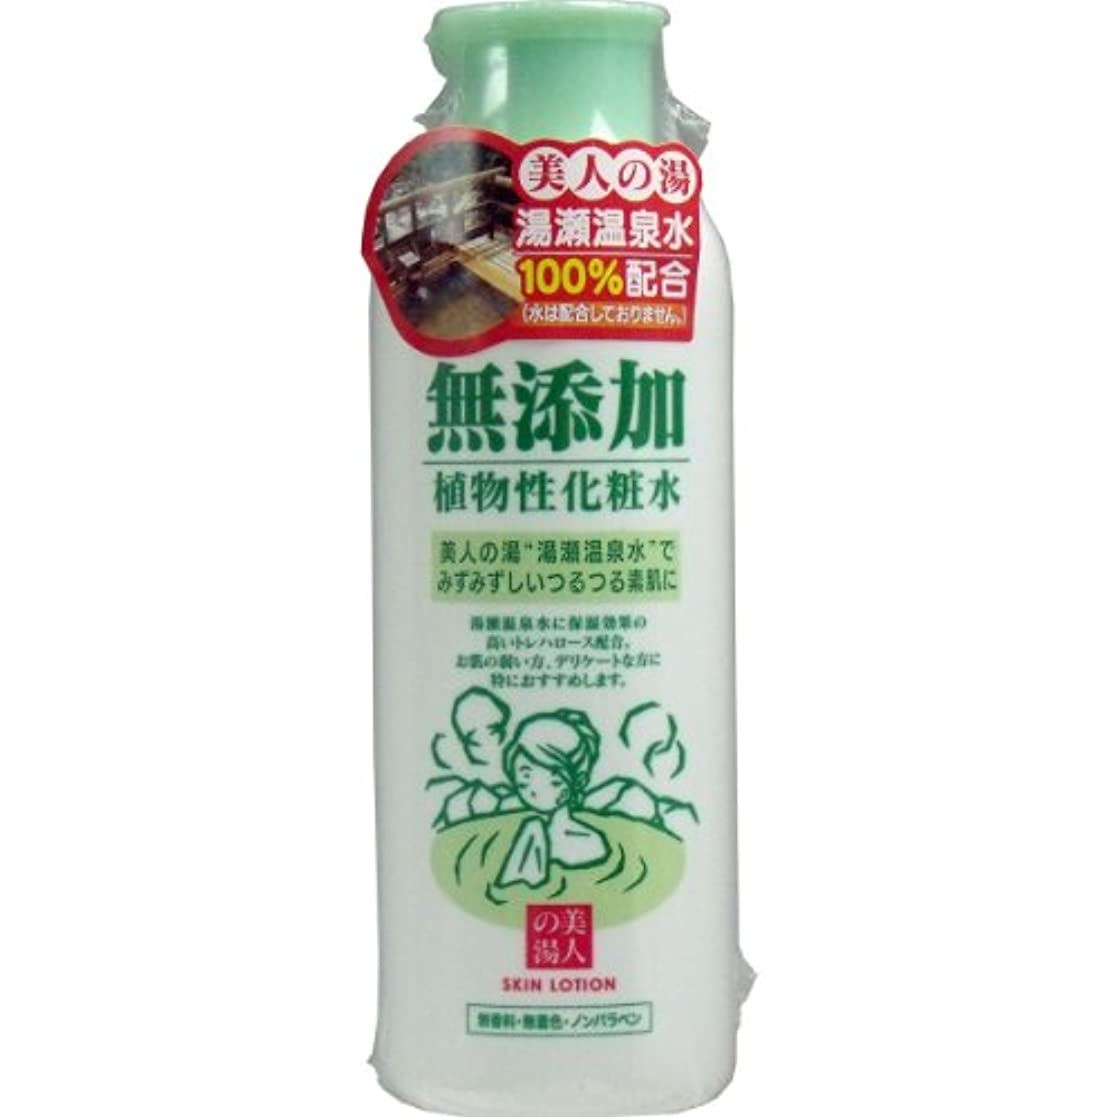 クローゼット無心貴重なユゼ 無添加植物性 化粧水 200ml 【3セット】